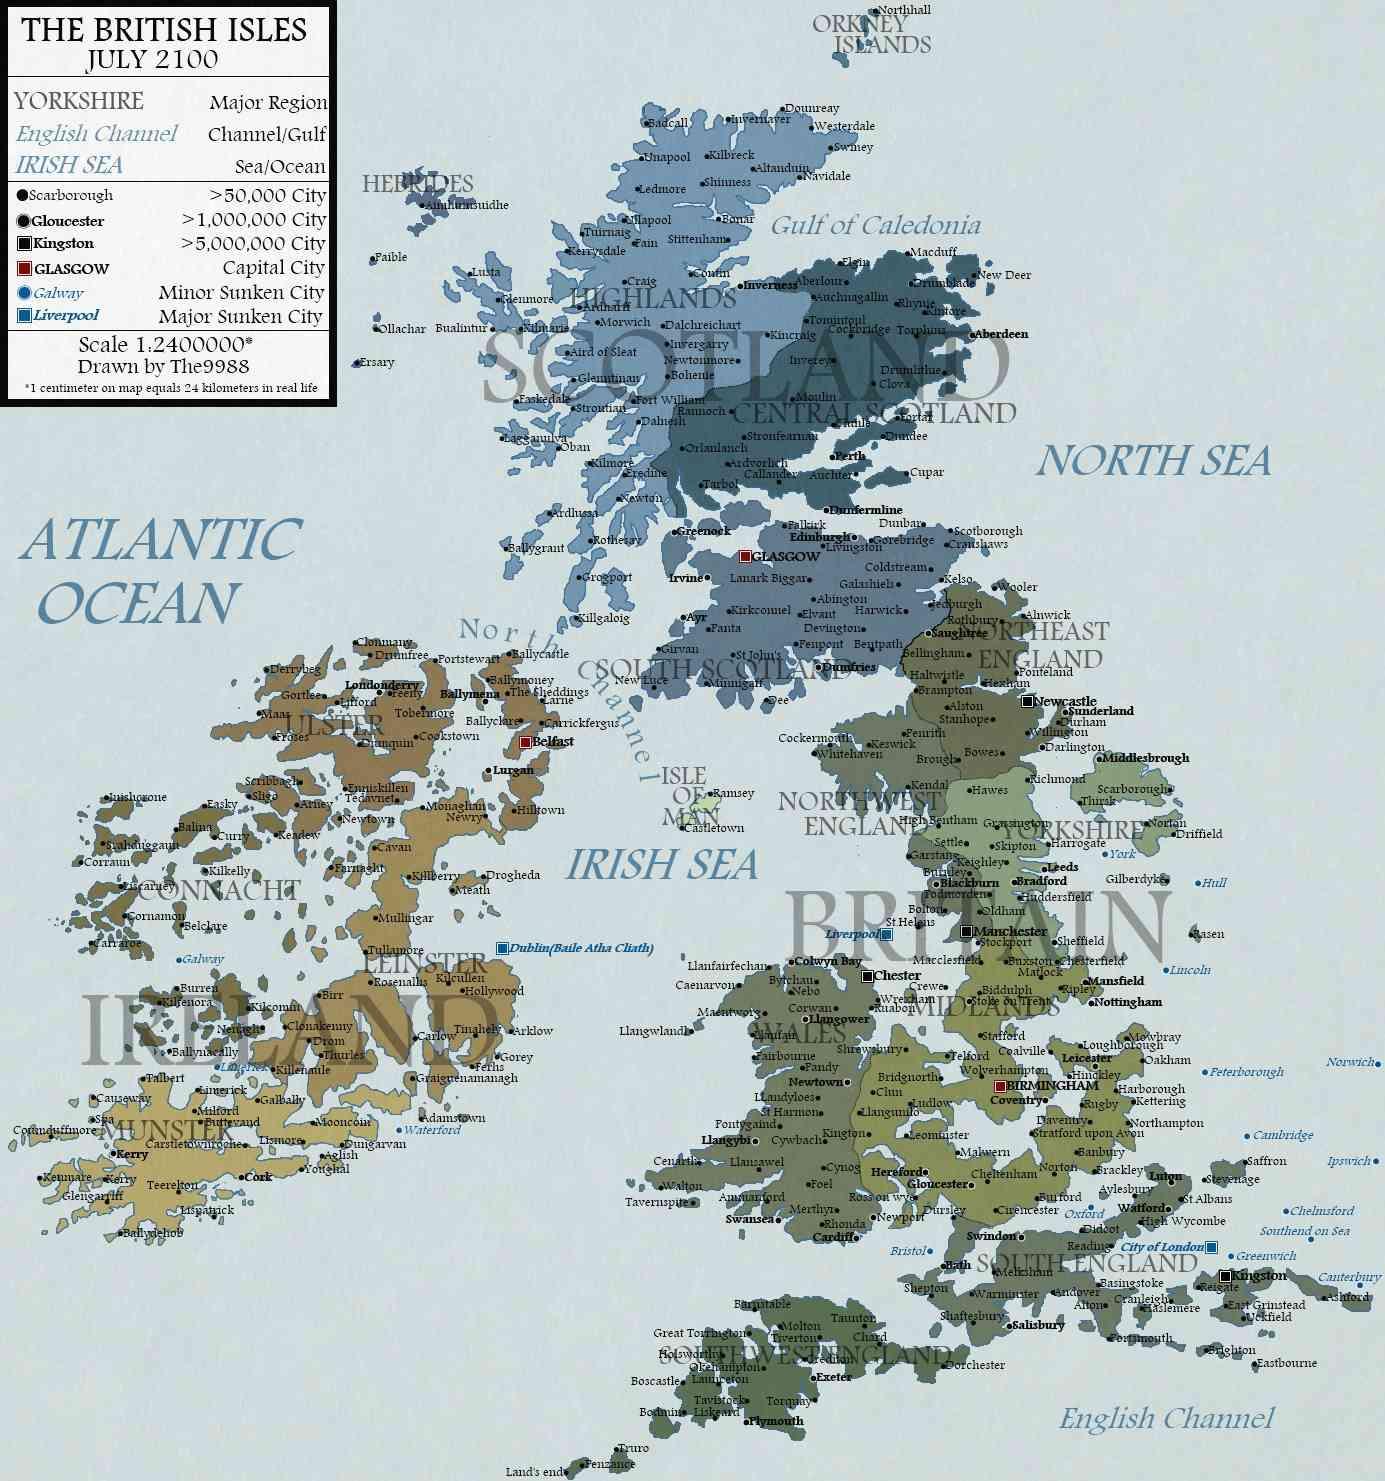 Carte interactive de la montée du niveau des océans  - Page 2 Britis10